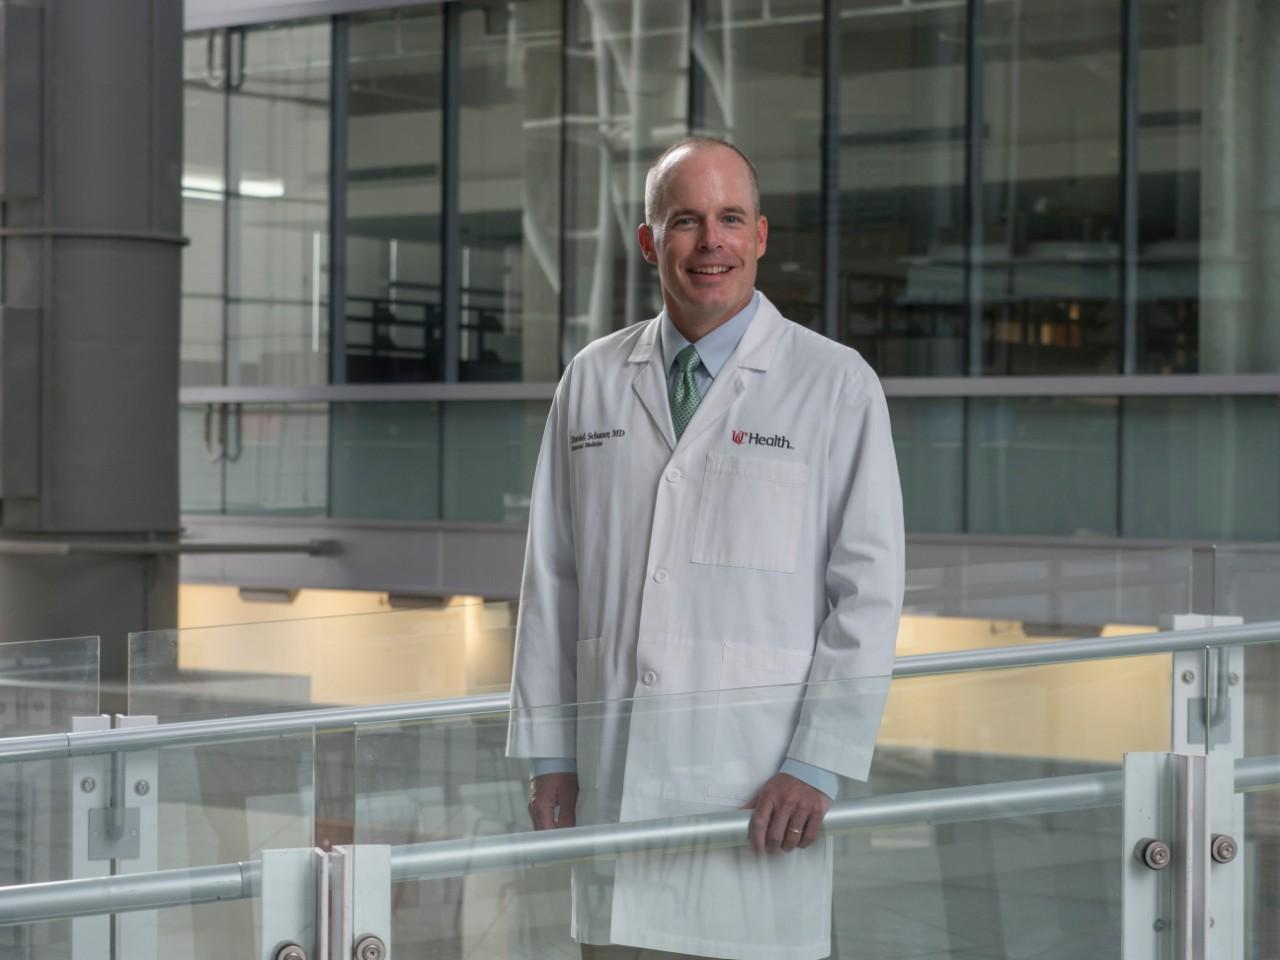 Photo of Daniel Schauer, MD